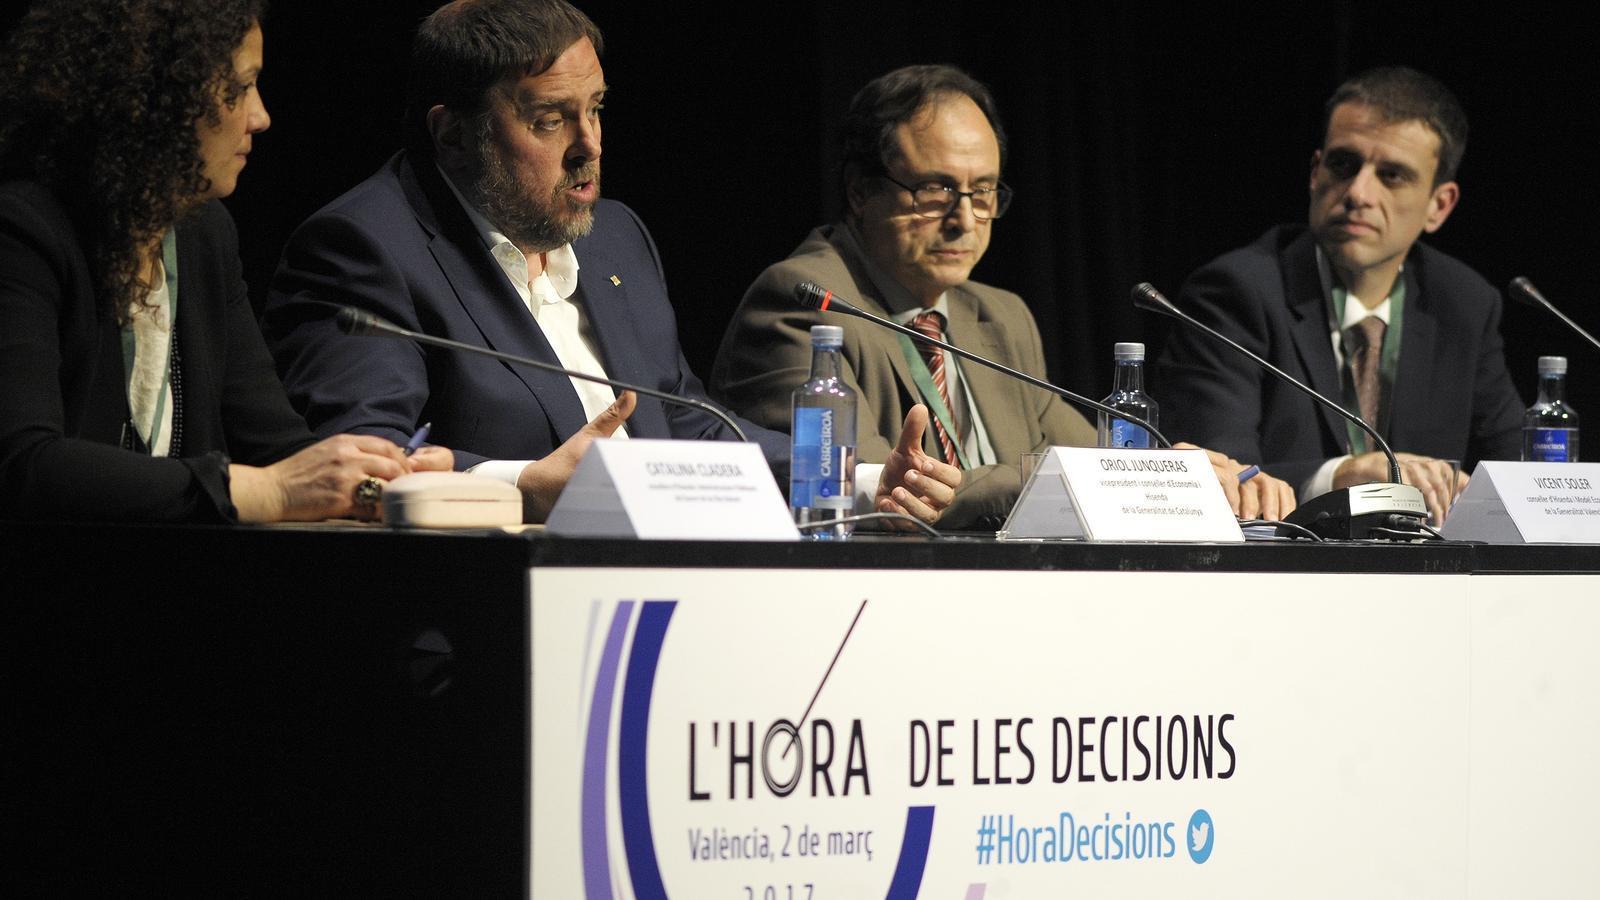 Oriol Junqueras amb el conseller d'Hisenda valencià, Vicent Soler, i l'homòloga balear, Catalina Cladera, a la trobada per parlar de finançament a València / DANIEL GARCIA-SALA